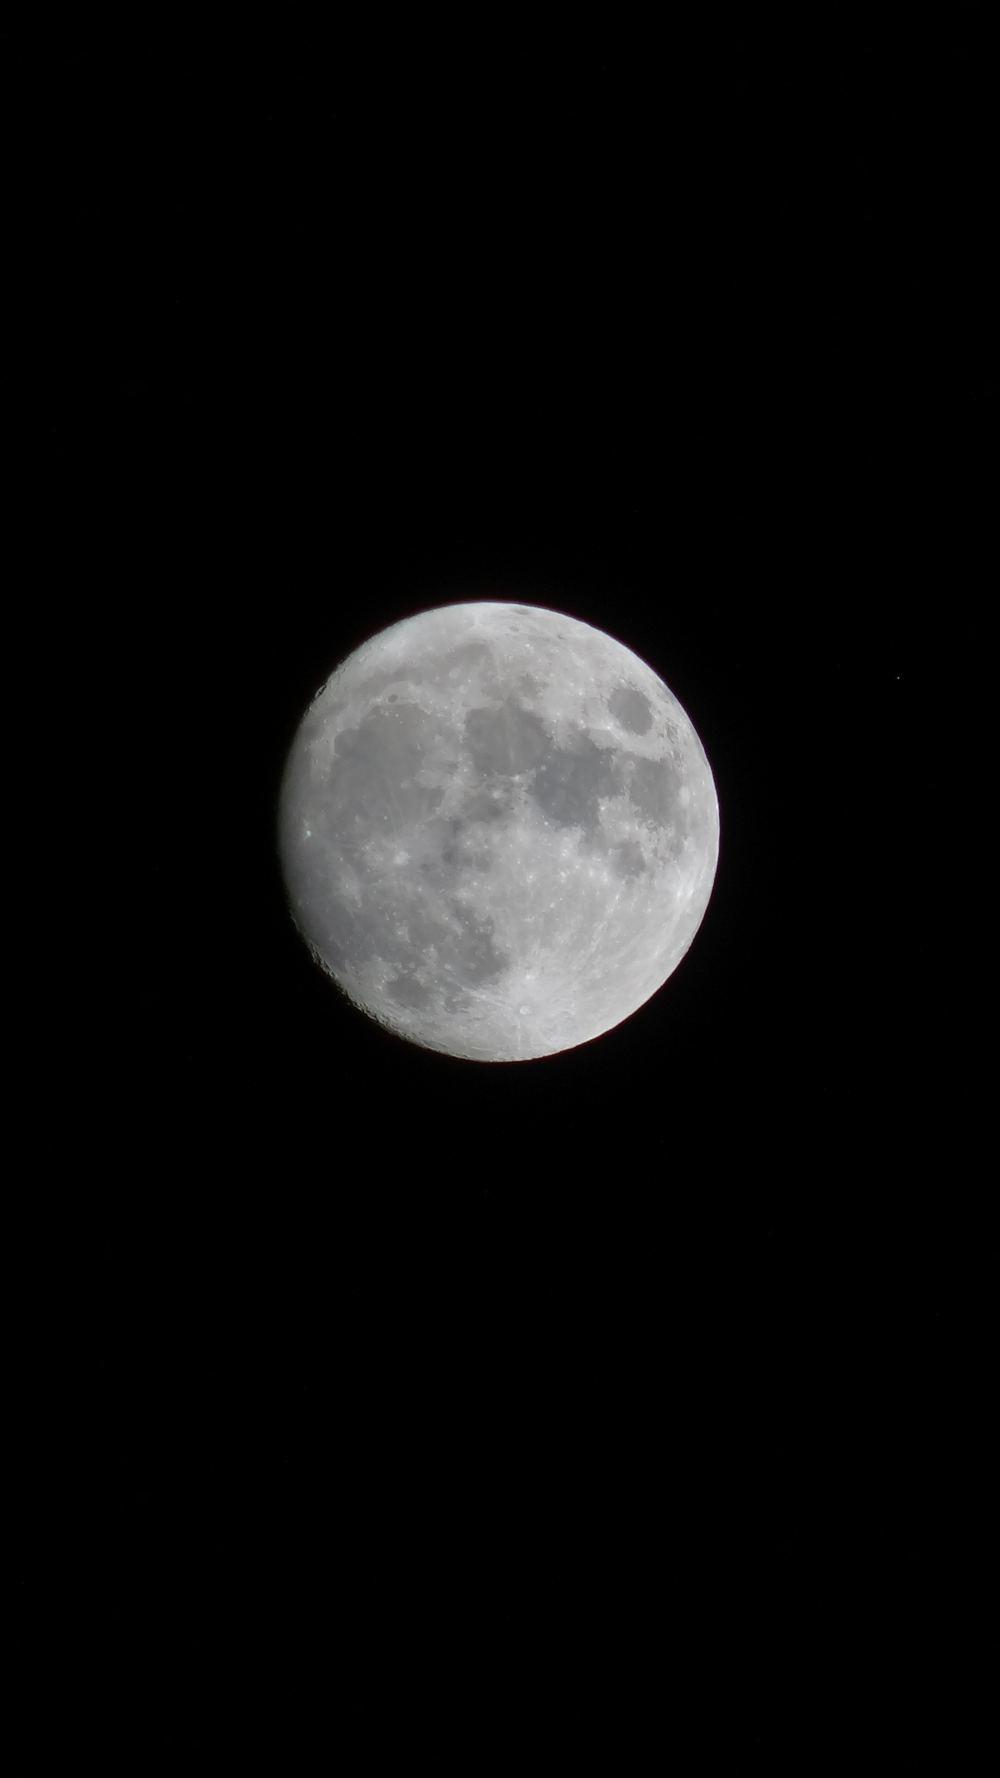 Mond über Erzgebirge (4K, 2160p, 16:9, Hochformat, 23.12.2015)